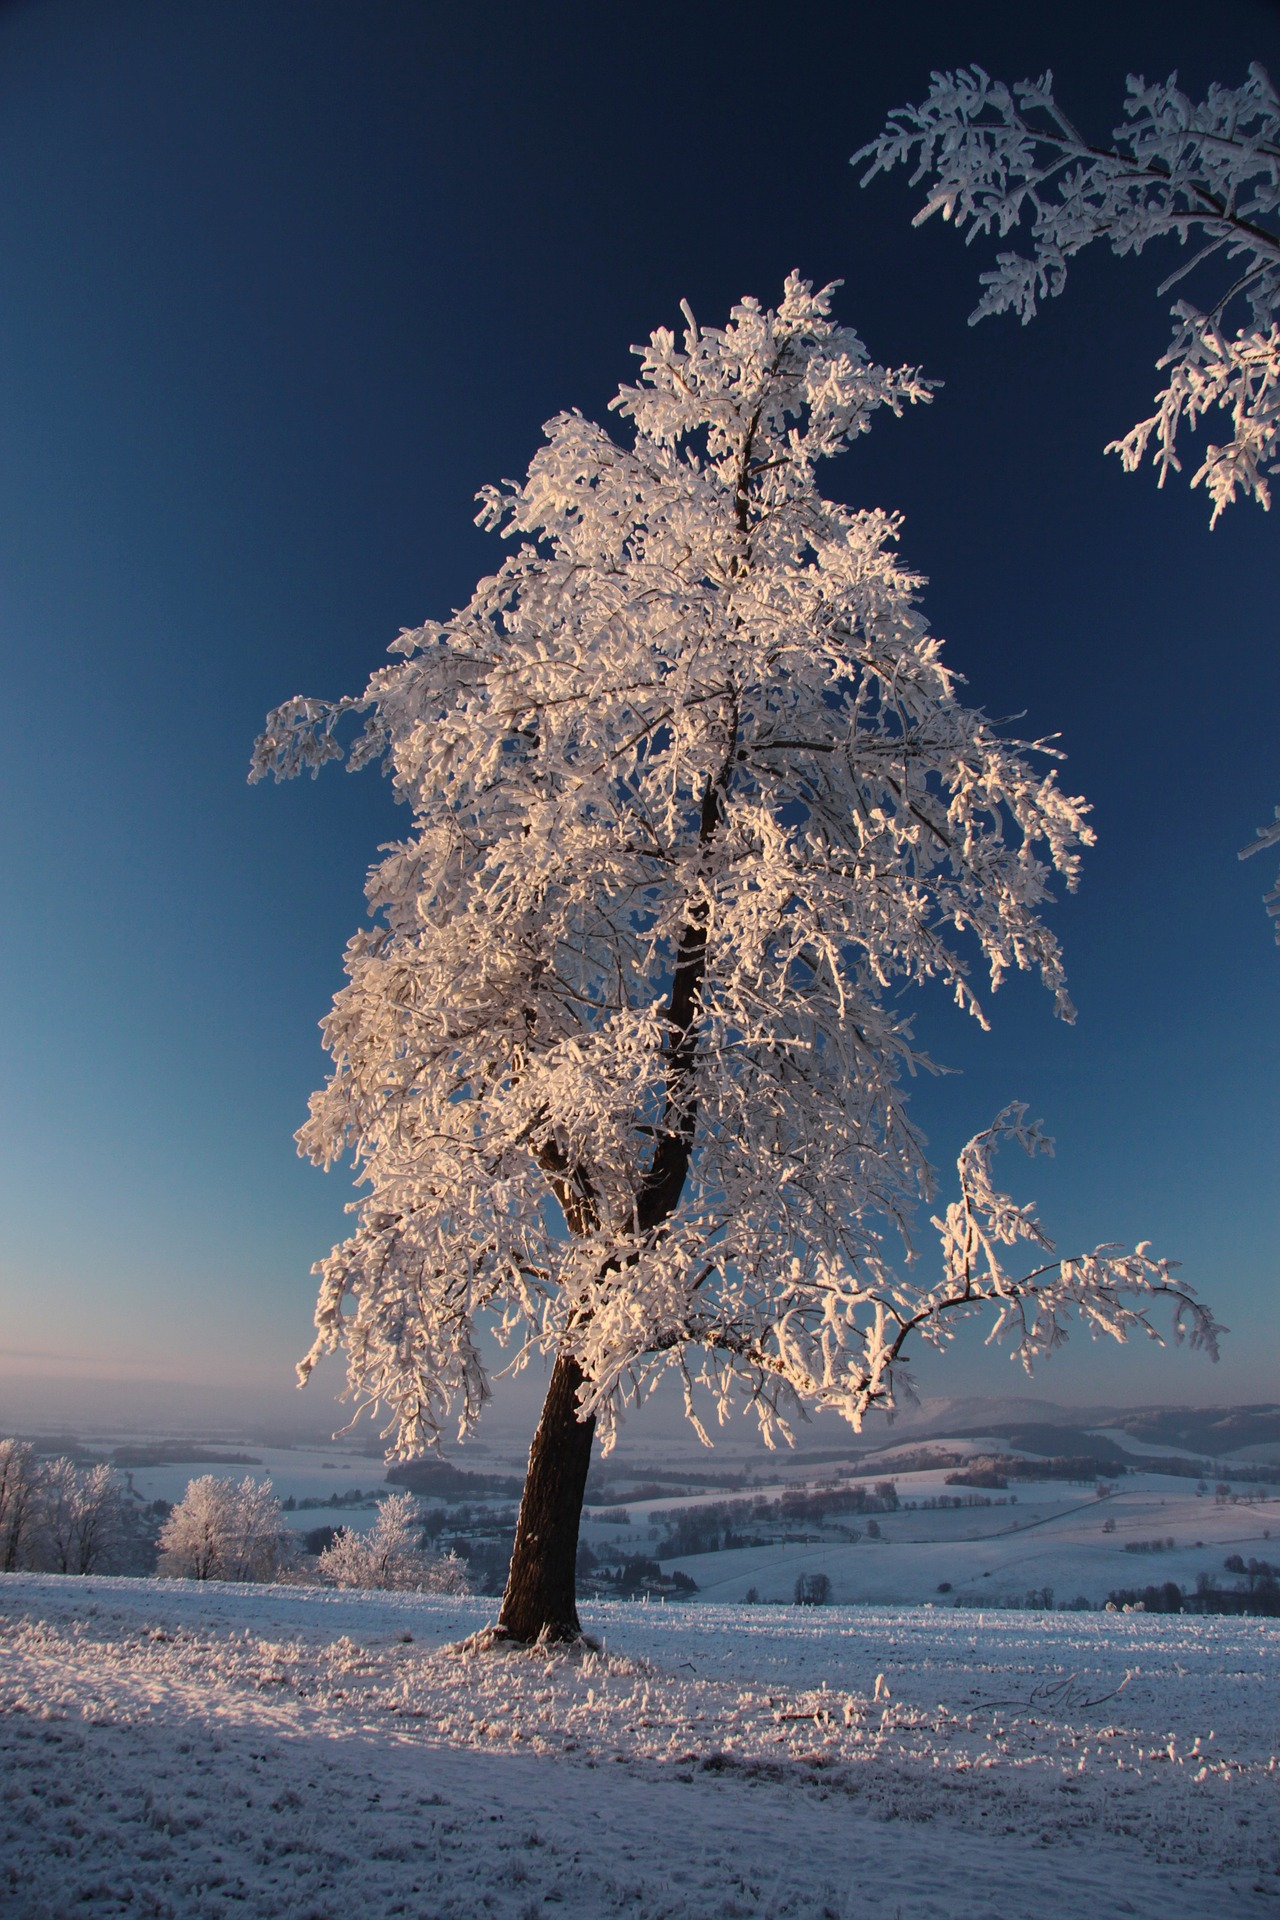 strom-creative-commons-pixabay